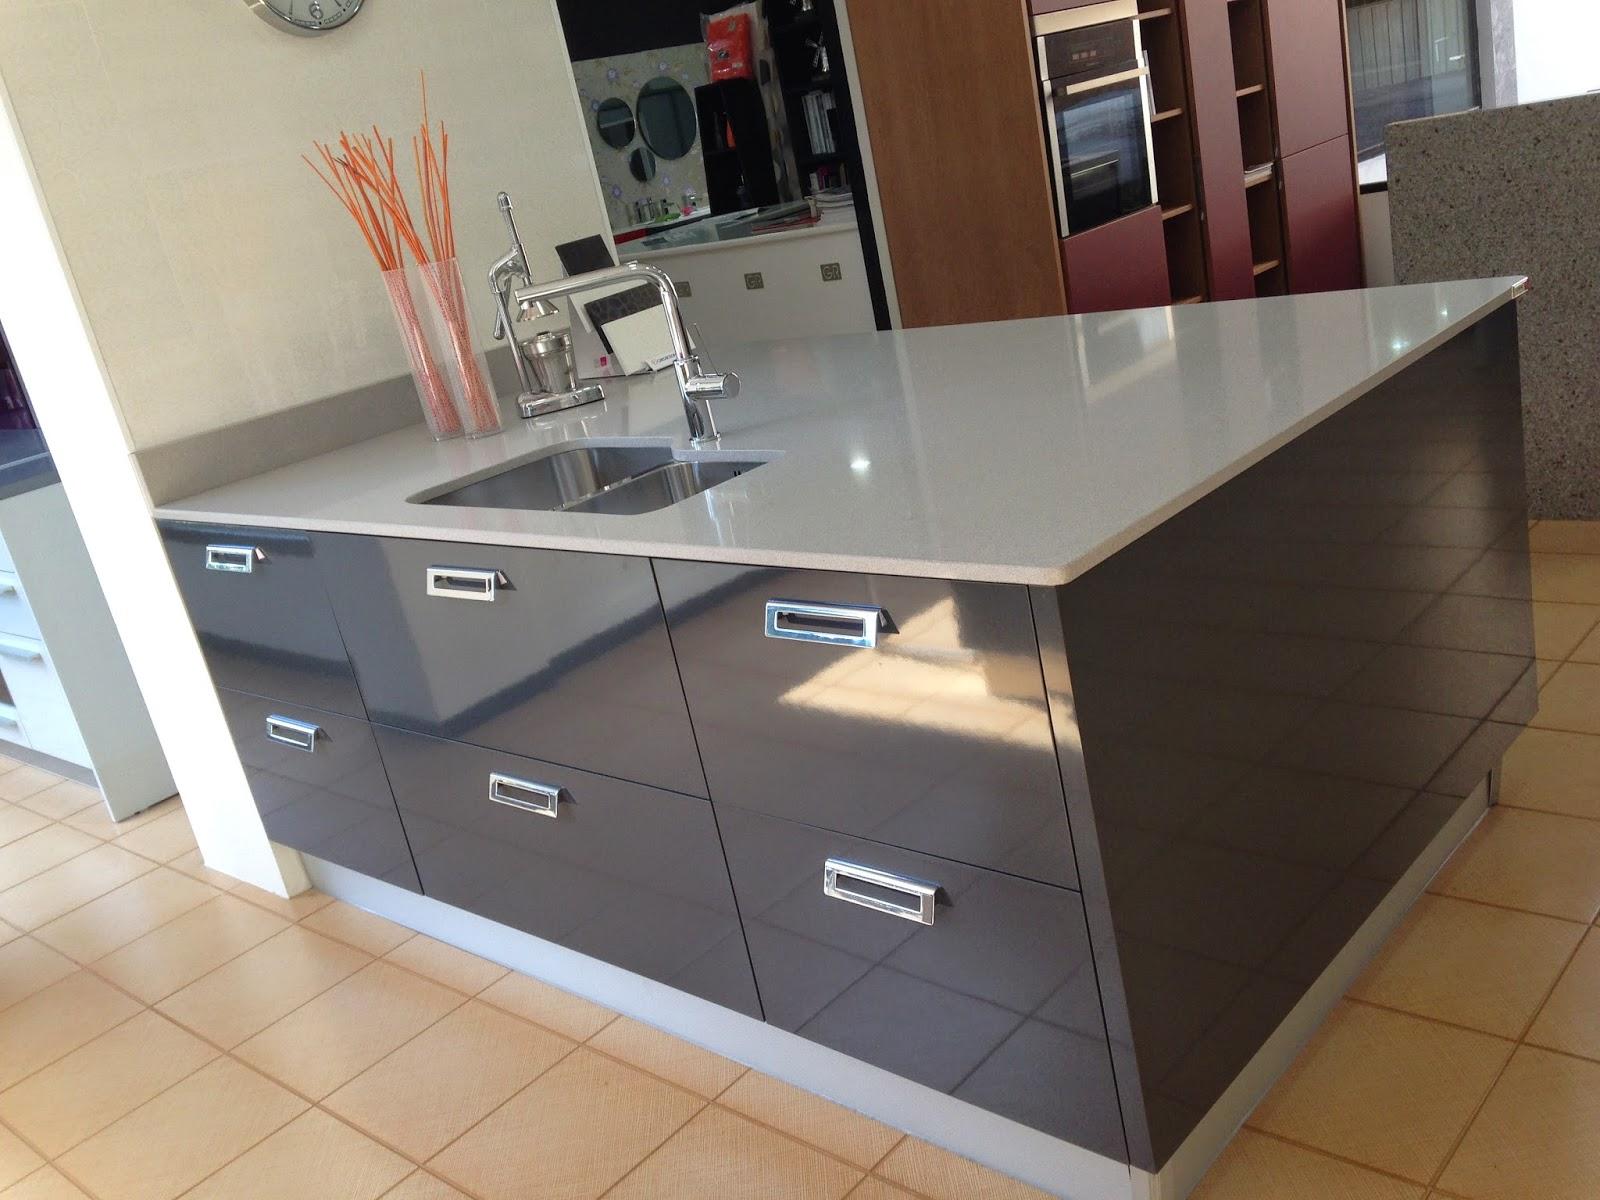 Precios especiales en muebles de cocina por cambio de exposicion getxoreformas d a a d a - Precios encimeras de cocina ...